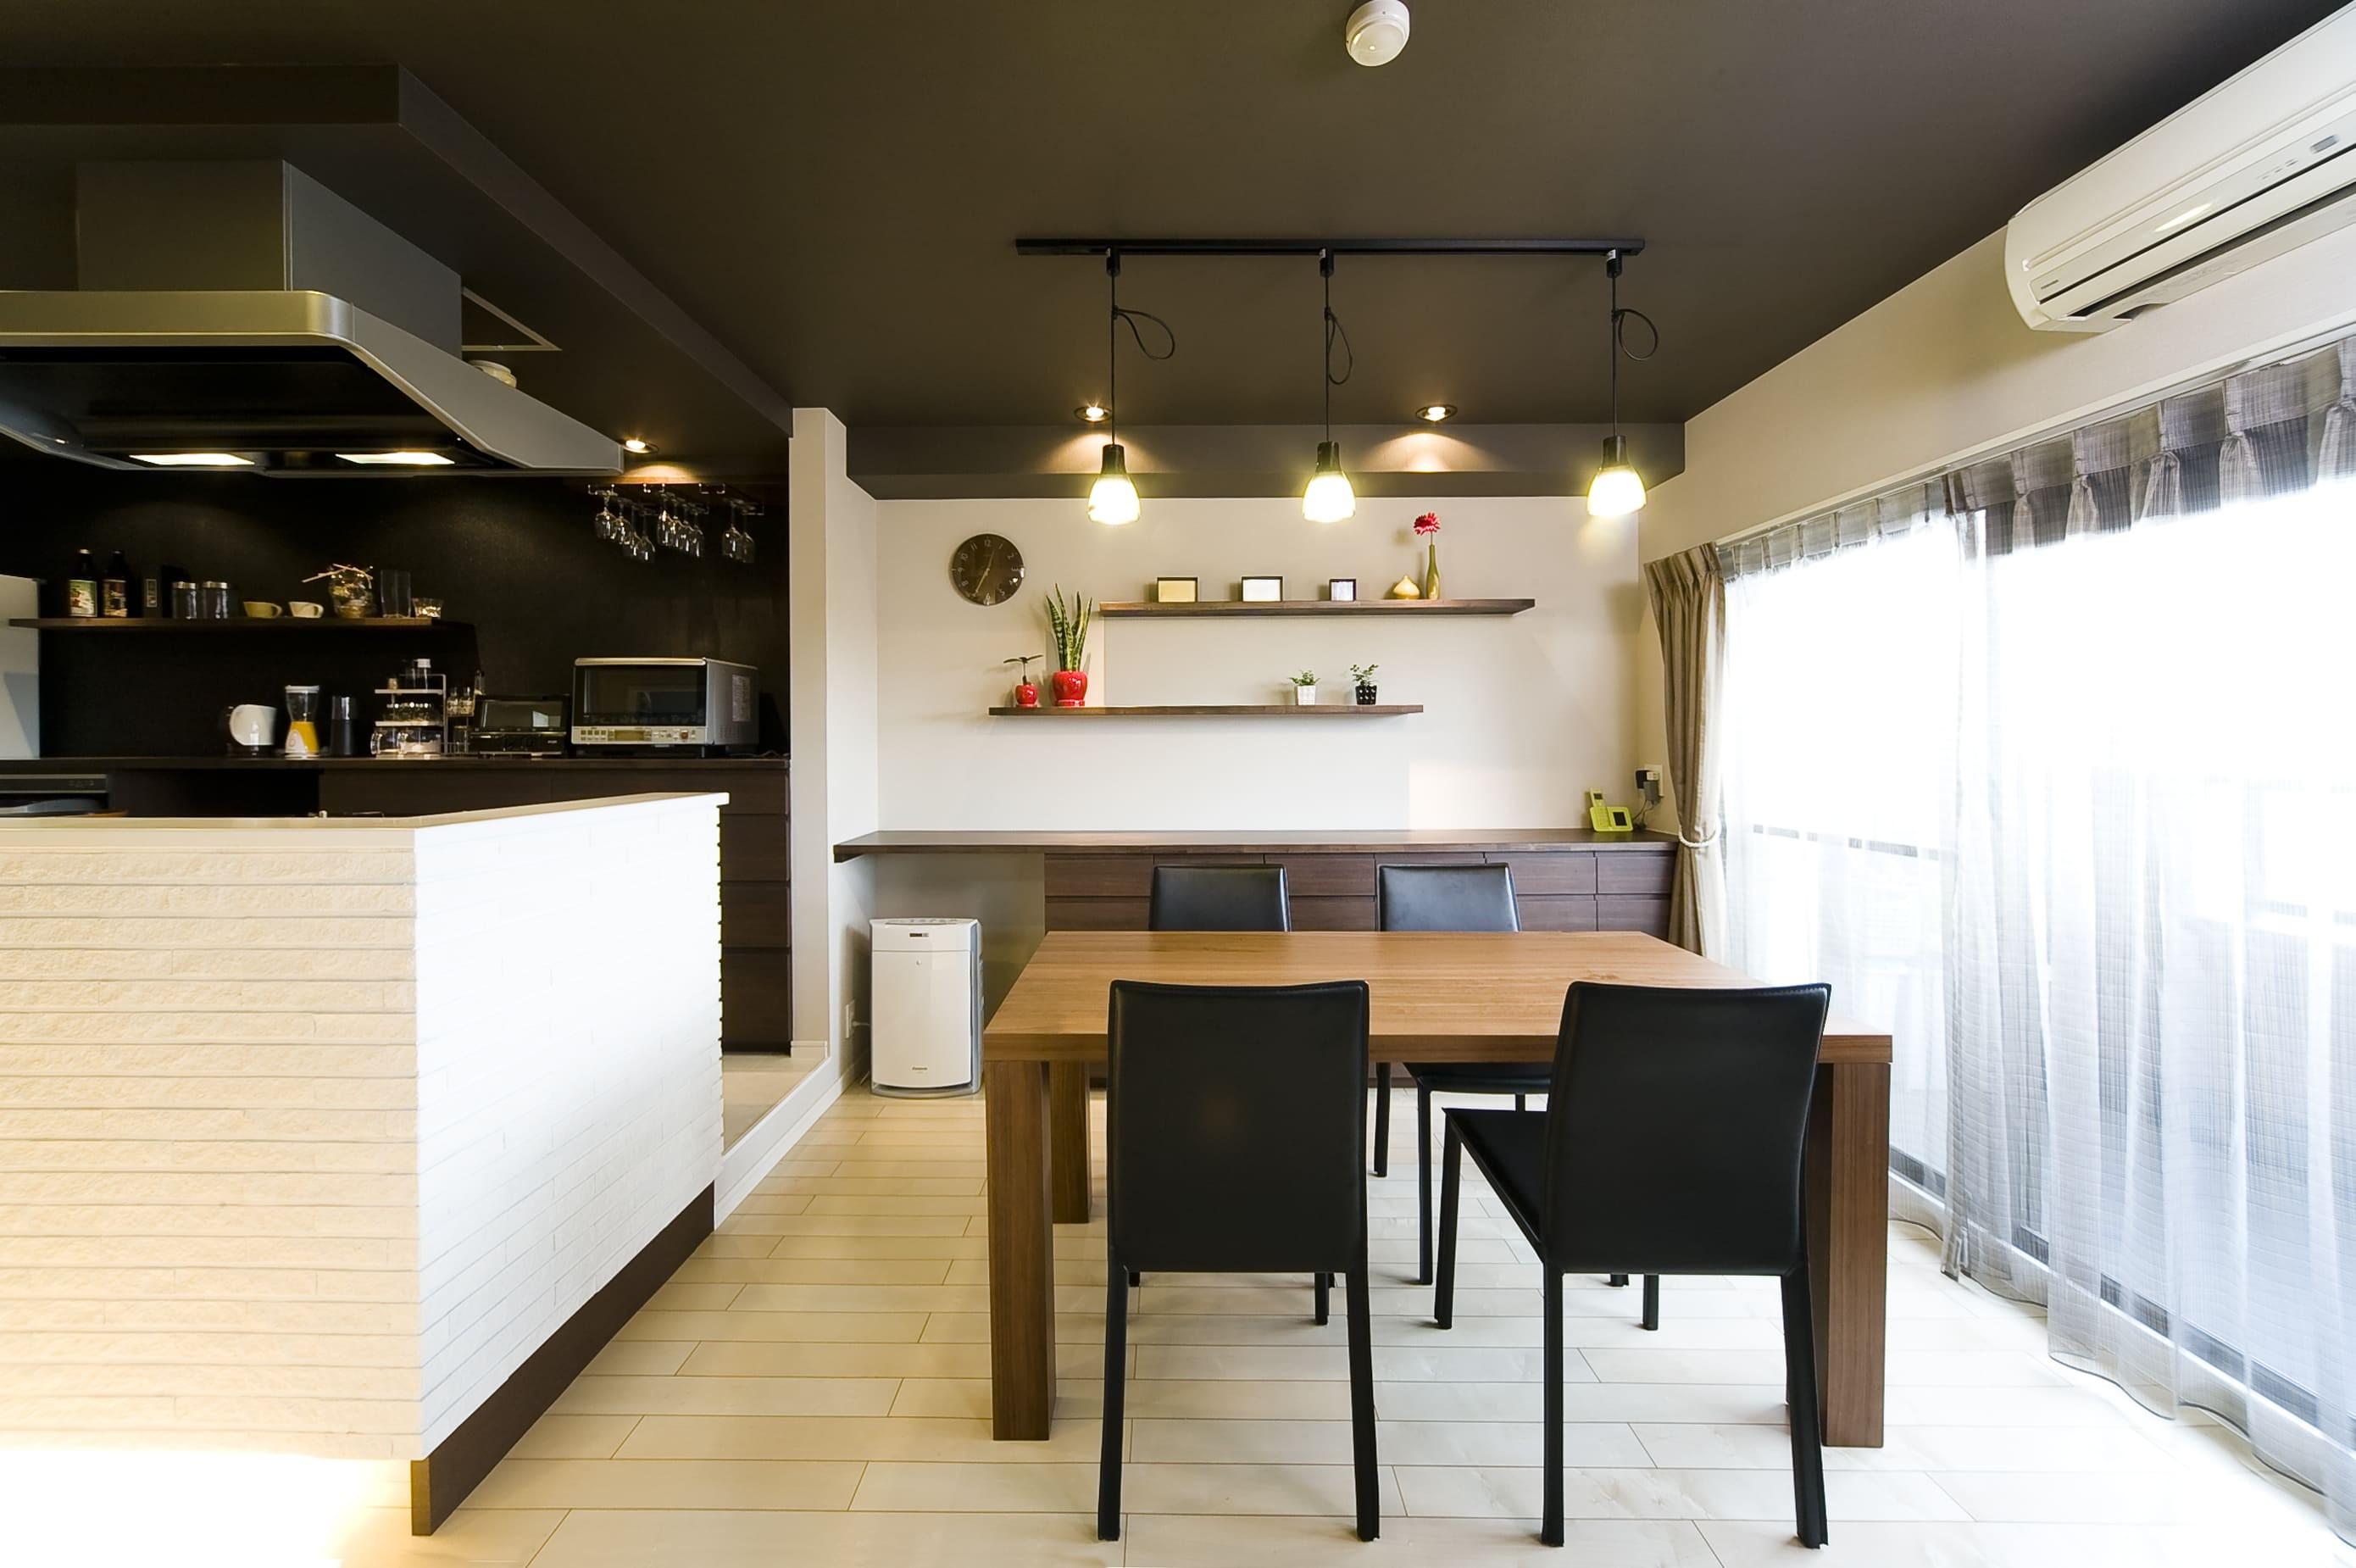 リビングダイニング事例:キッチン壁面の白いタイルと天井のダークブラウンのコントラストが美しいダイニング。(多くの制約をクリアし、ダイニングバー風の憧れの空間を実現)